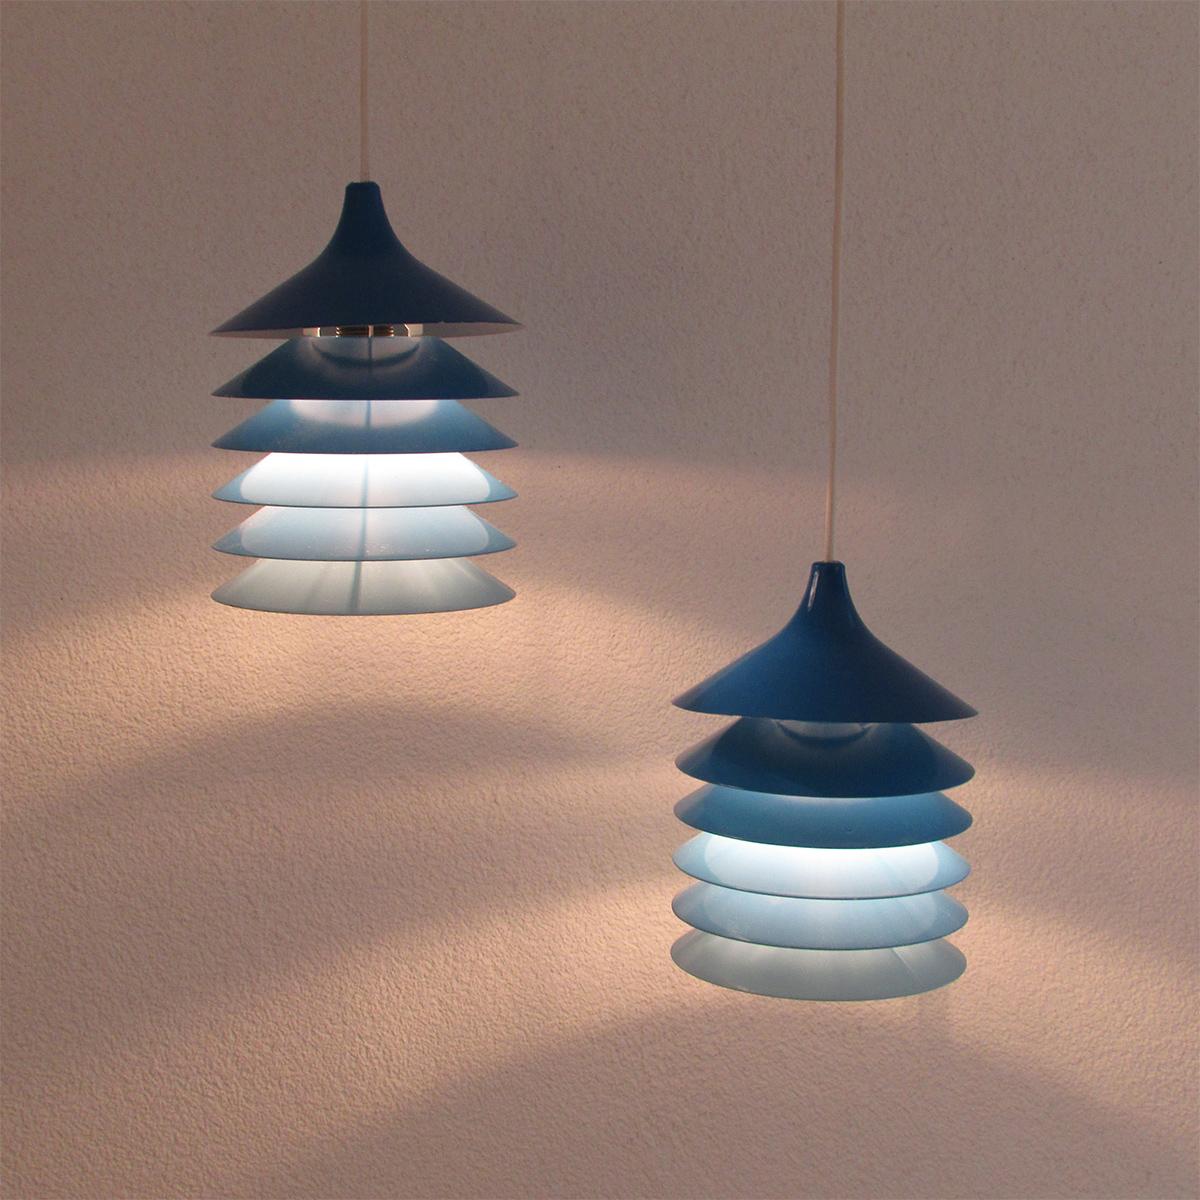 lighting artichoke vintage furniture. Black Bedroom Furniture Sets. Home Design Ideas